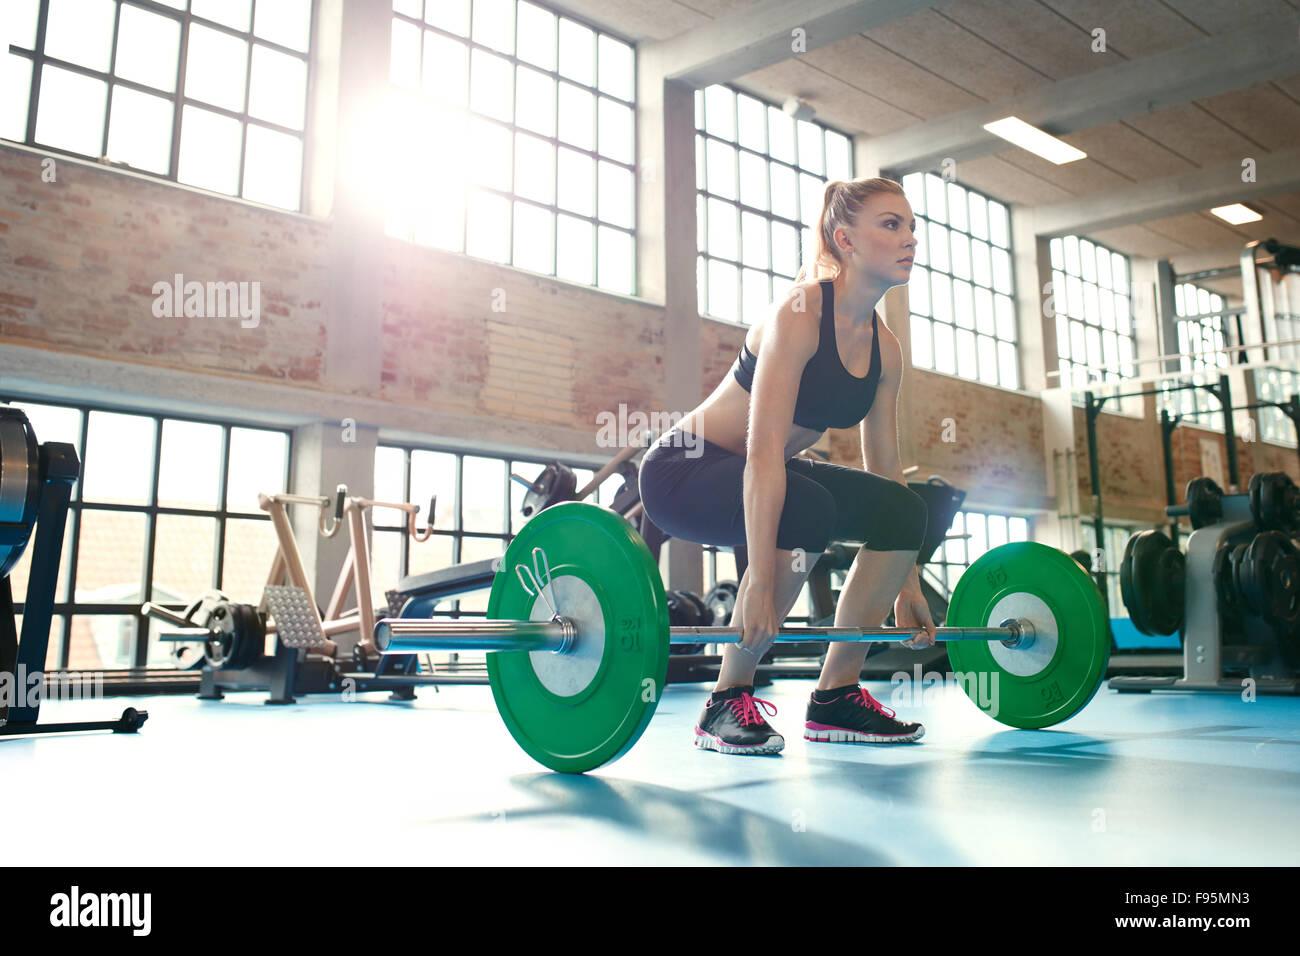 Entschlossen und stark Fitness Frau training mit schweren Gewichten im Fitnessclub. Kaukasische Sportlerin tun Gewichtheben Stockbild